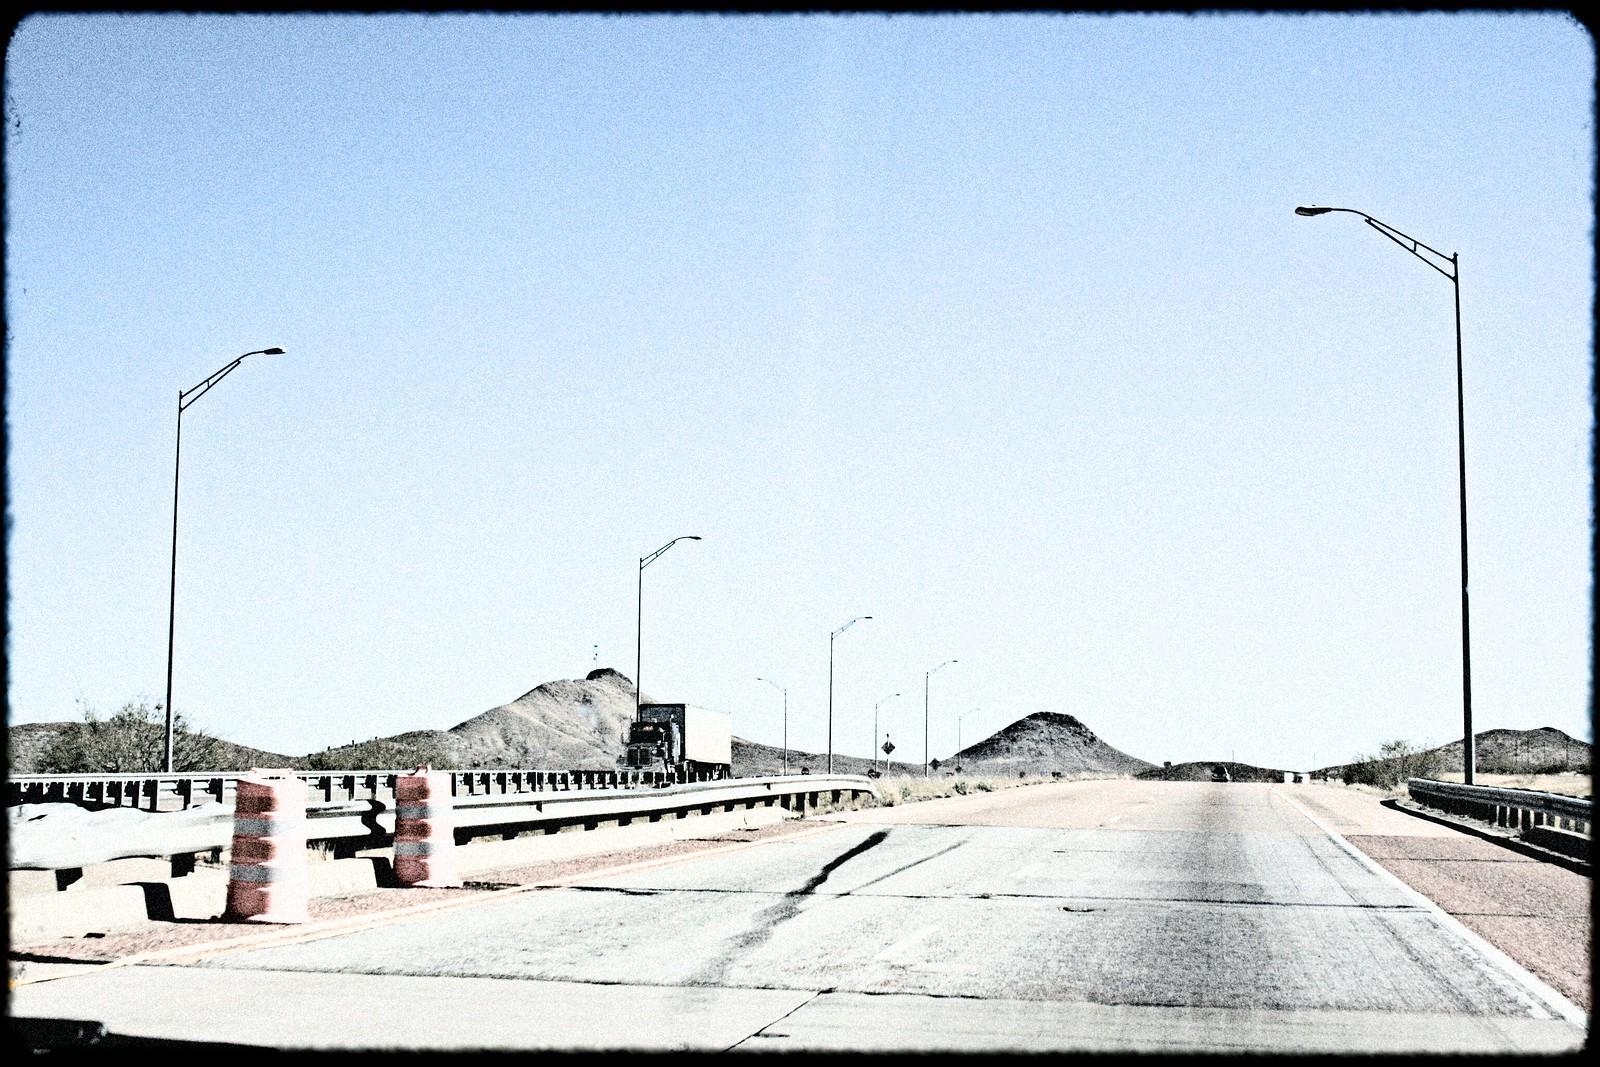 Interstate Overpass, West Texas, 2006